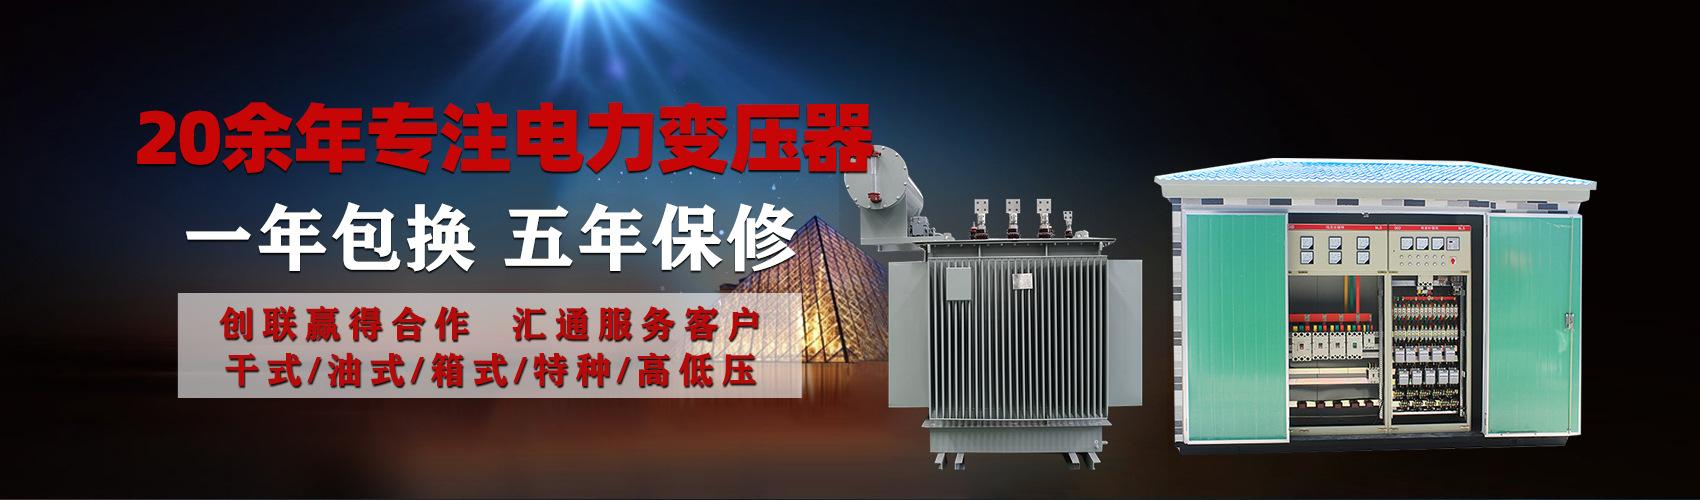 油浸式电力变压器油浸式变压器低压绕组除小容量采用铜导线,绕组的安匝分布平衡,漏磁小,机械强度高,抗短路能力强。